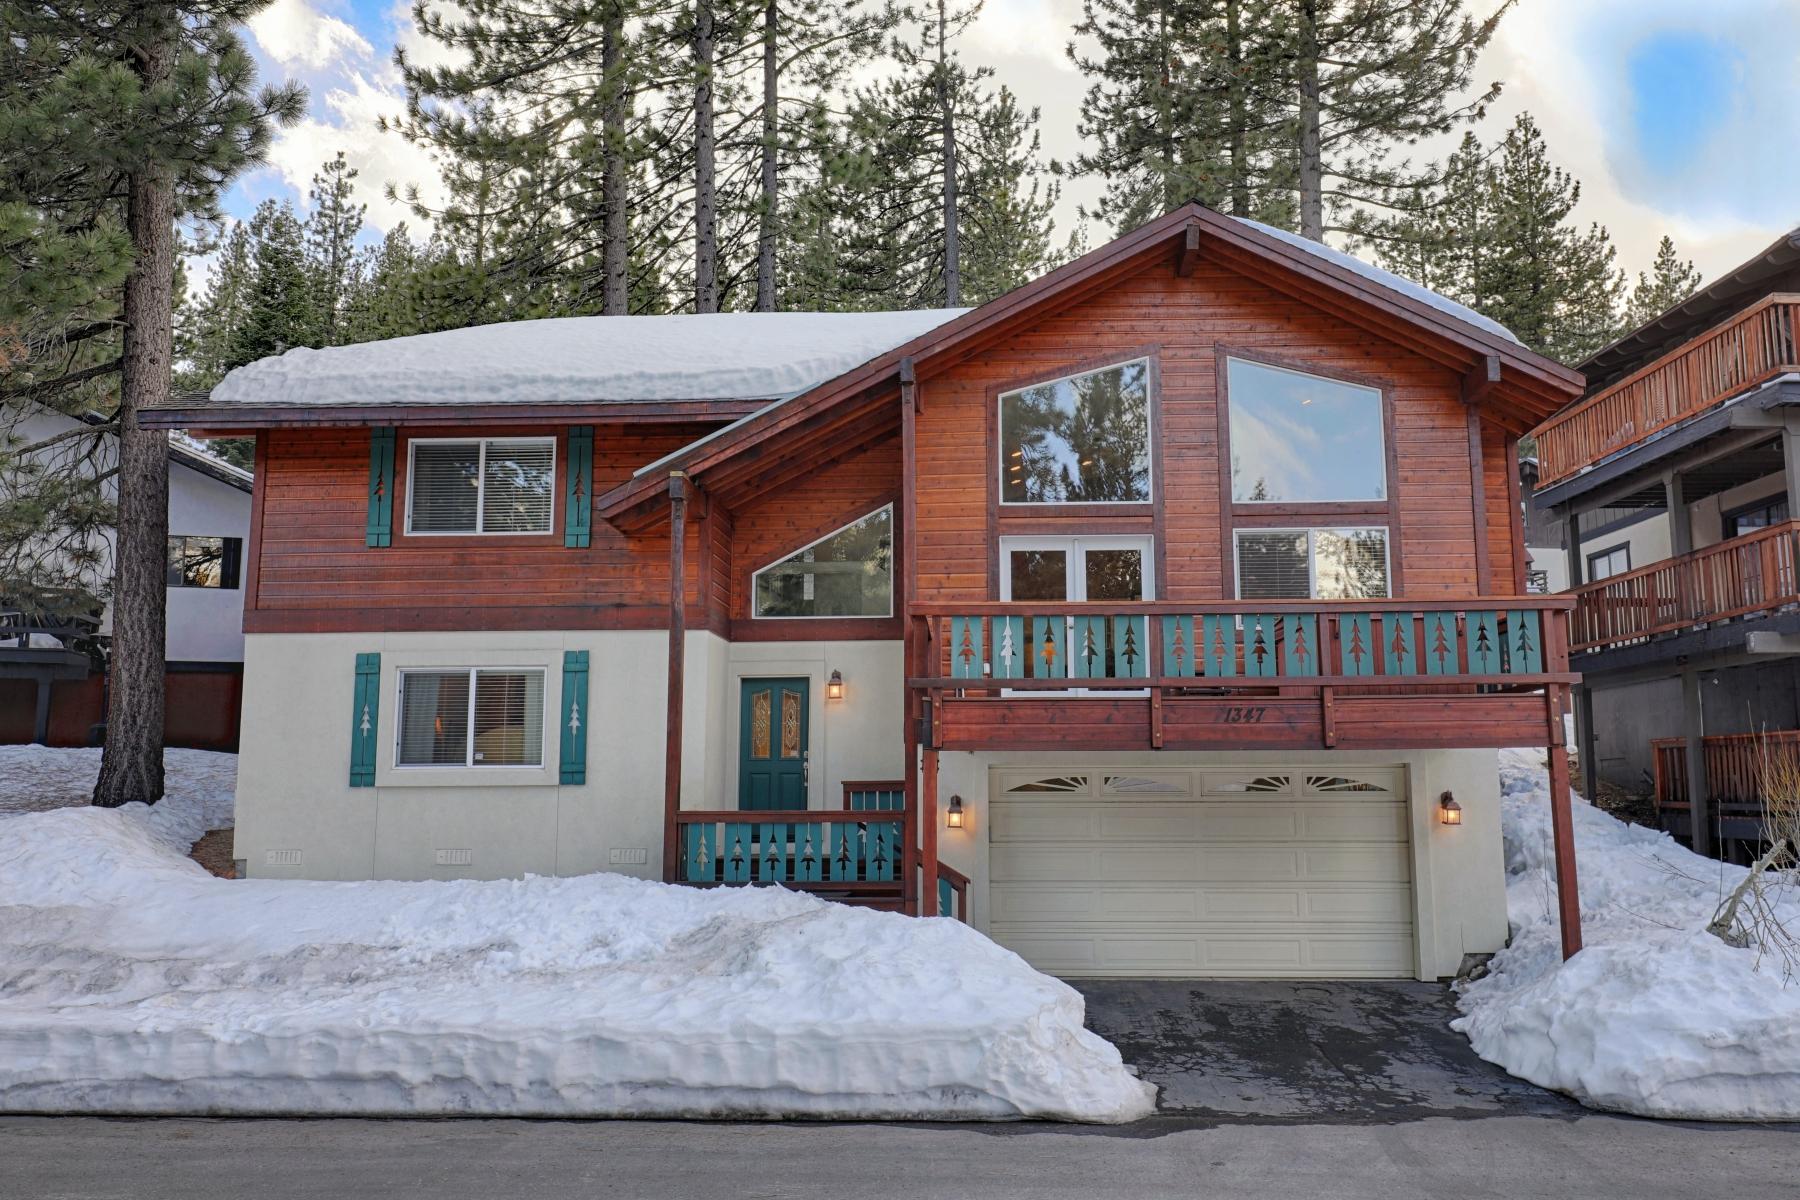 Tek Ailelik Ev için Satış at 1347 Zurich Lane, Incline Village, Nevada 1347 Zurich Lane Incline Village, Nevada 89451 Amerika Birleşik Devletleri